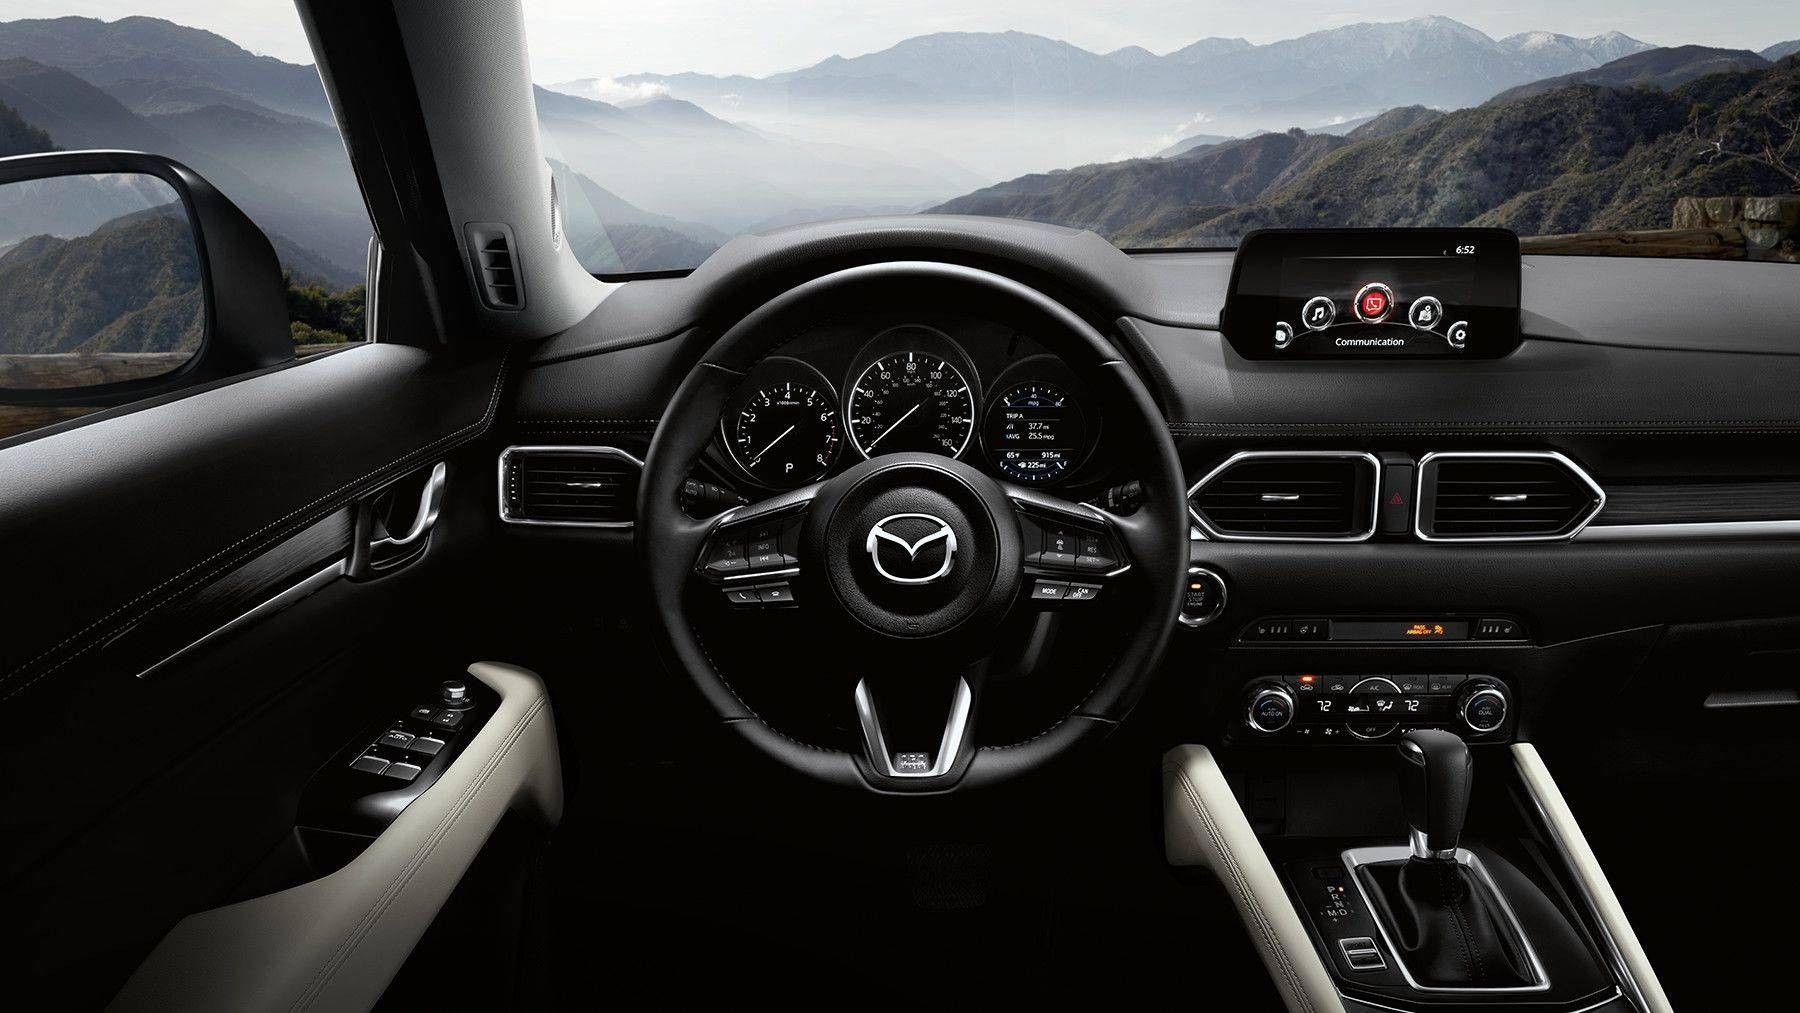 2018 Mazda Cx 5 First Drive Mazda cx5, Mazda, Mazda cars